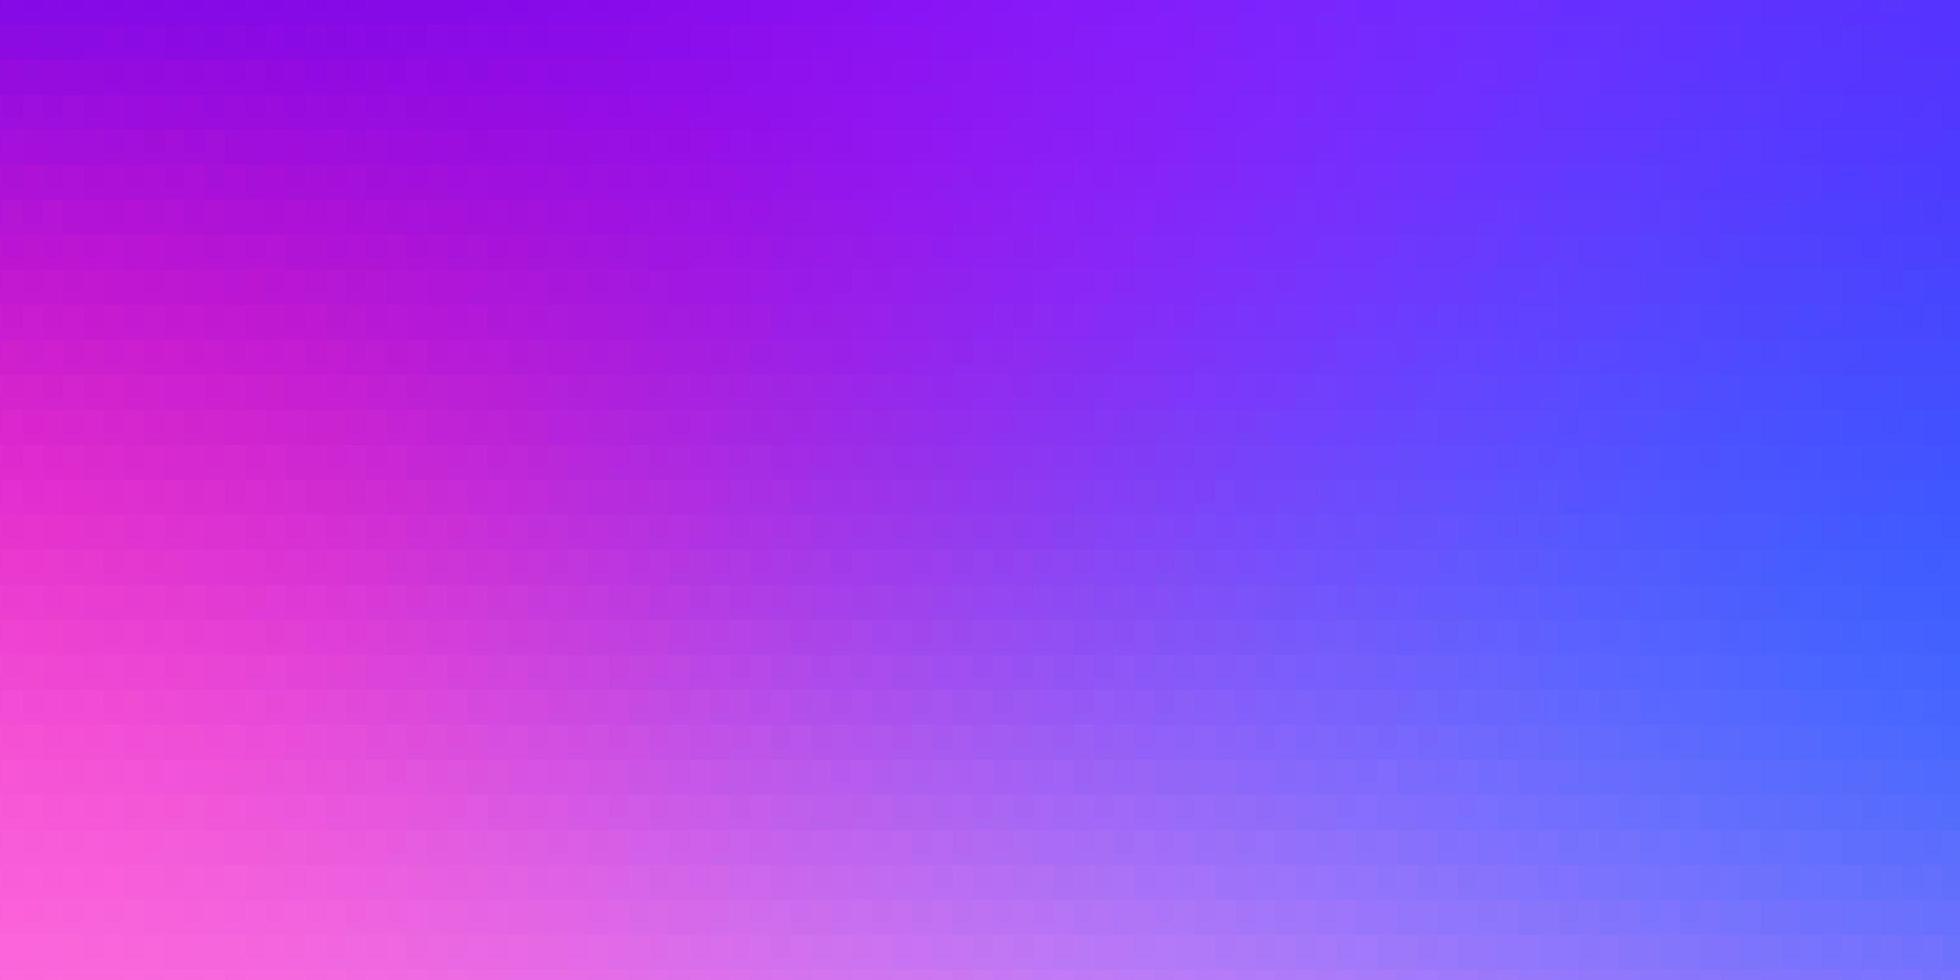 ljusrosa, blå vektormall i rektanglar. vektor